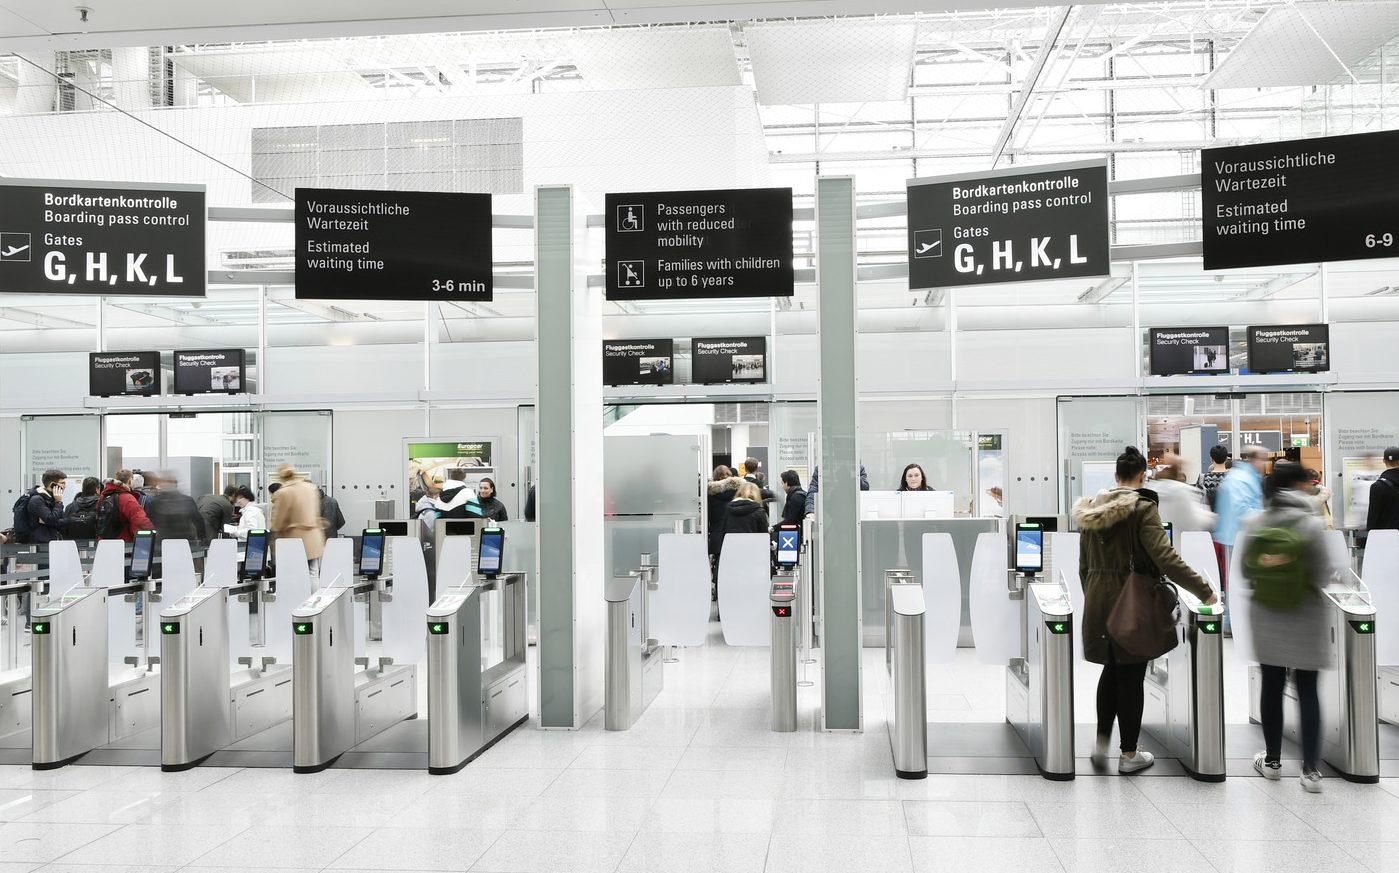 """""""Det skal være den store majoritet af færdigvaccinerede danskerne, Udenrigsministeriets rejsevejledninger rådgiver først,"""" lyder det fra DRF og RID. Arkivfoto fra Münchens lufthavn."""